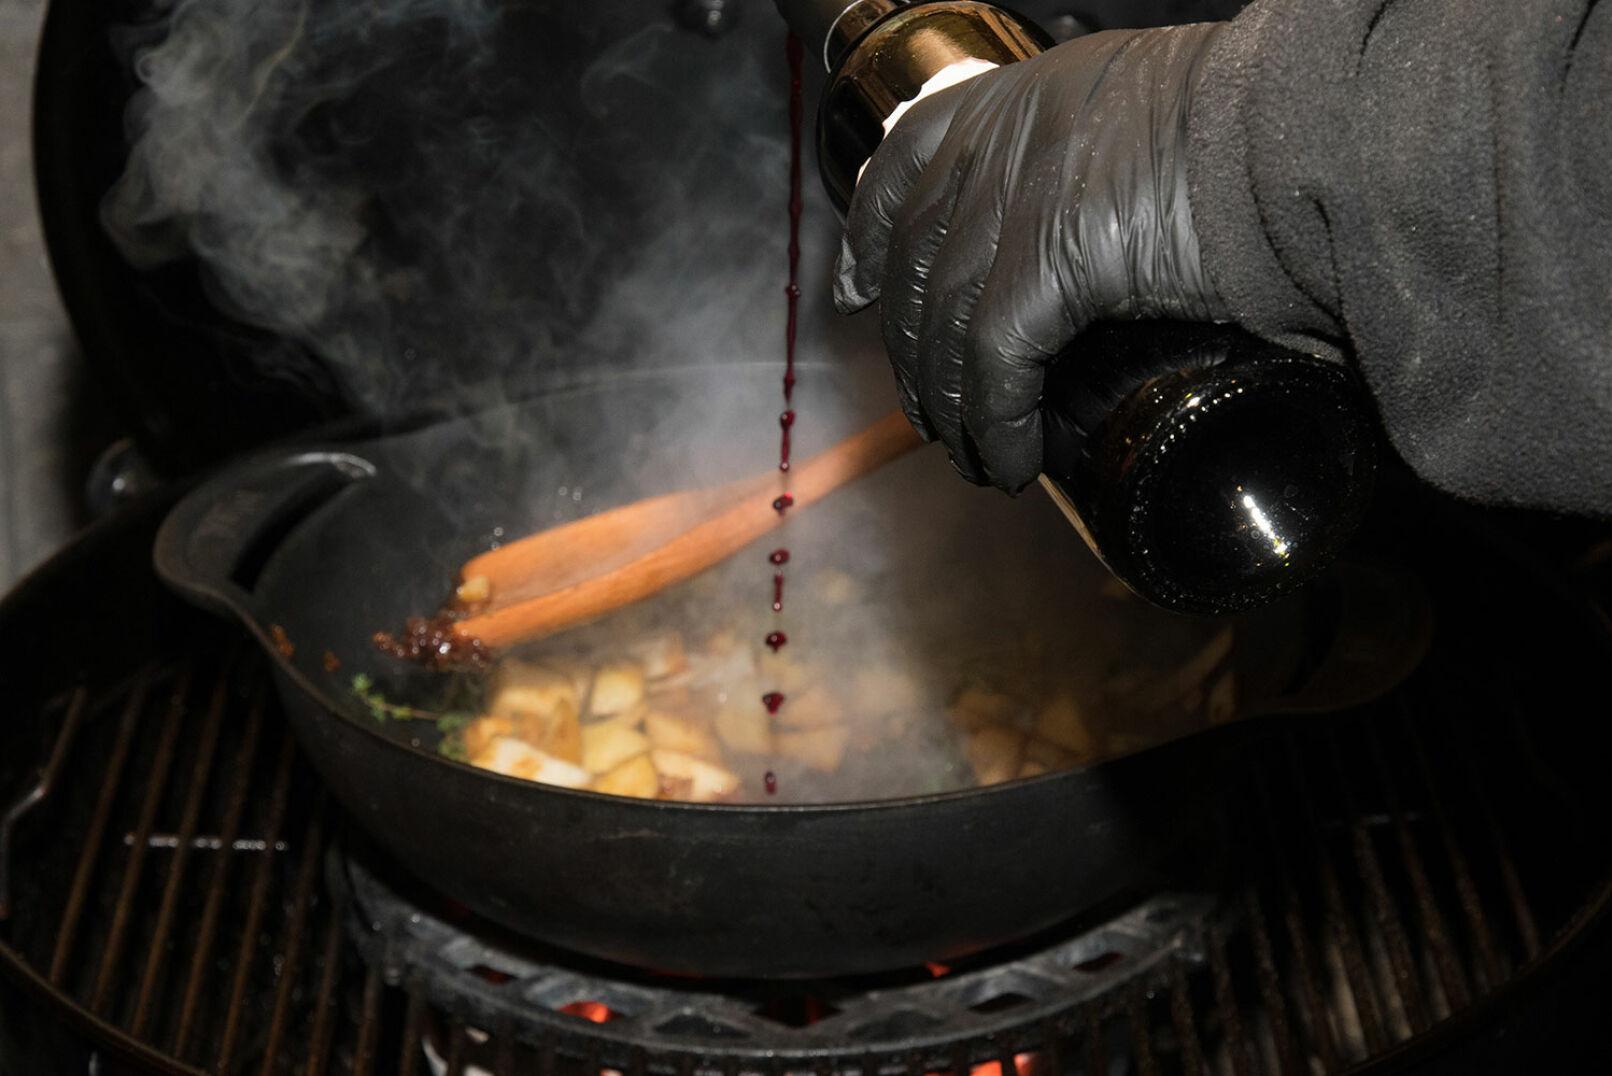 Mit Rotwein ablöschen und kurz aufkochen lassen.  - © Martin Grasberger